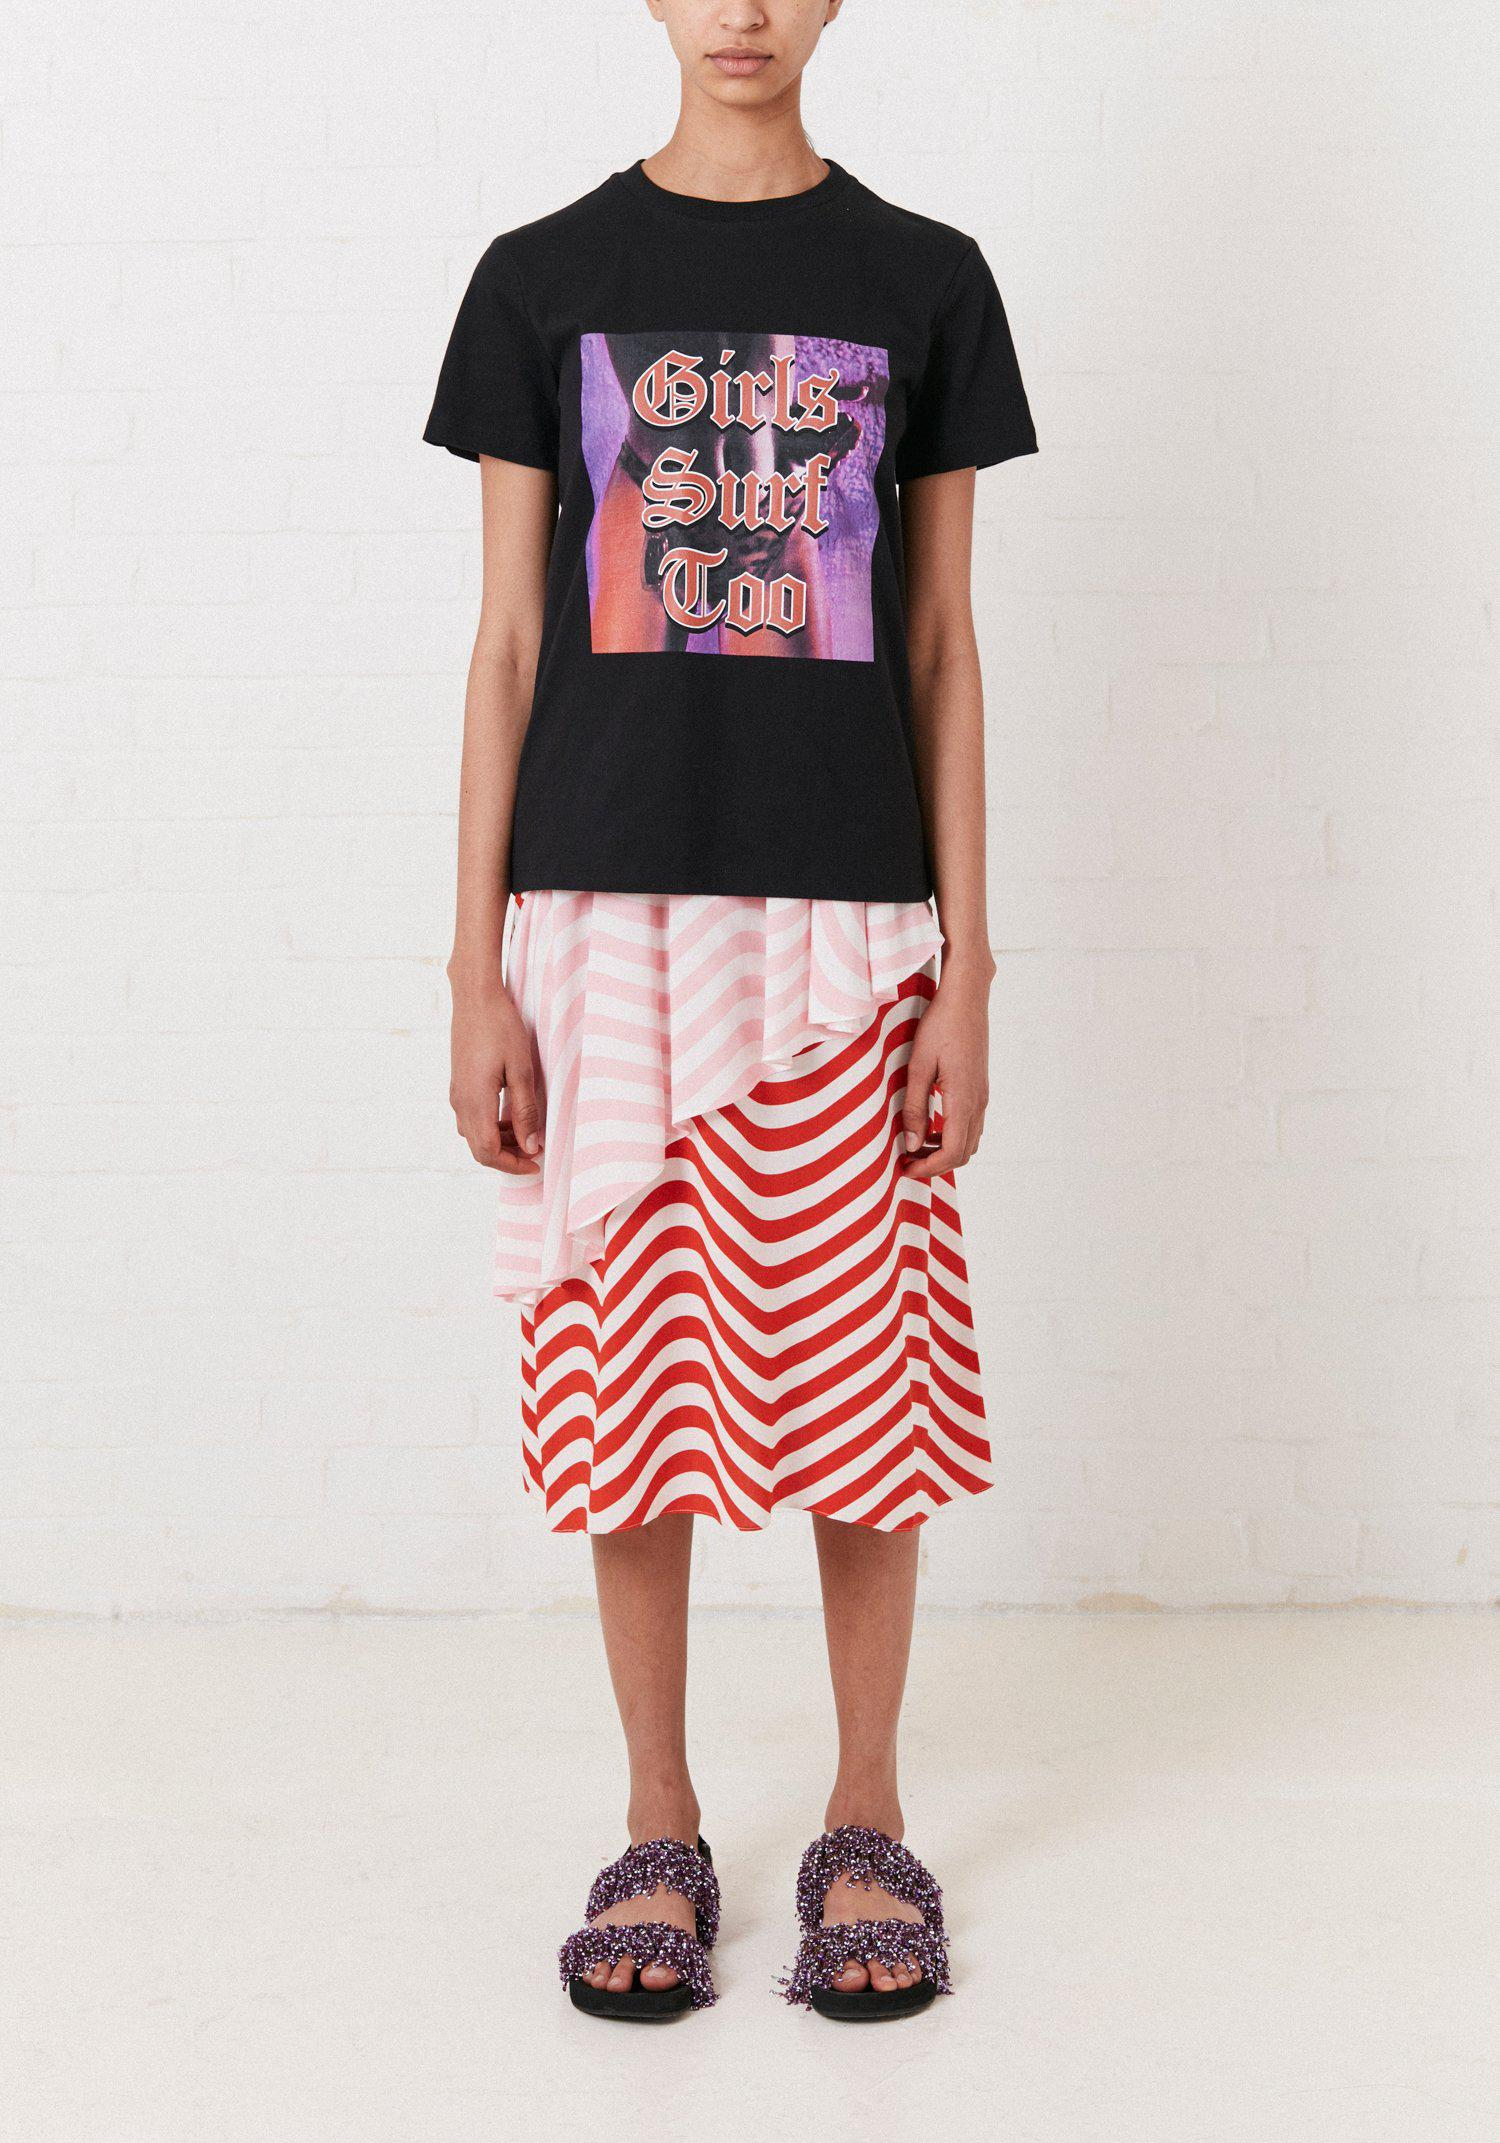 9778e9e39d2 house-of-holland-Black-Girls-Surf-Too-Regular-T-shirt.jpeg